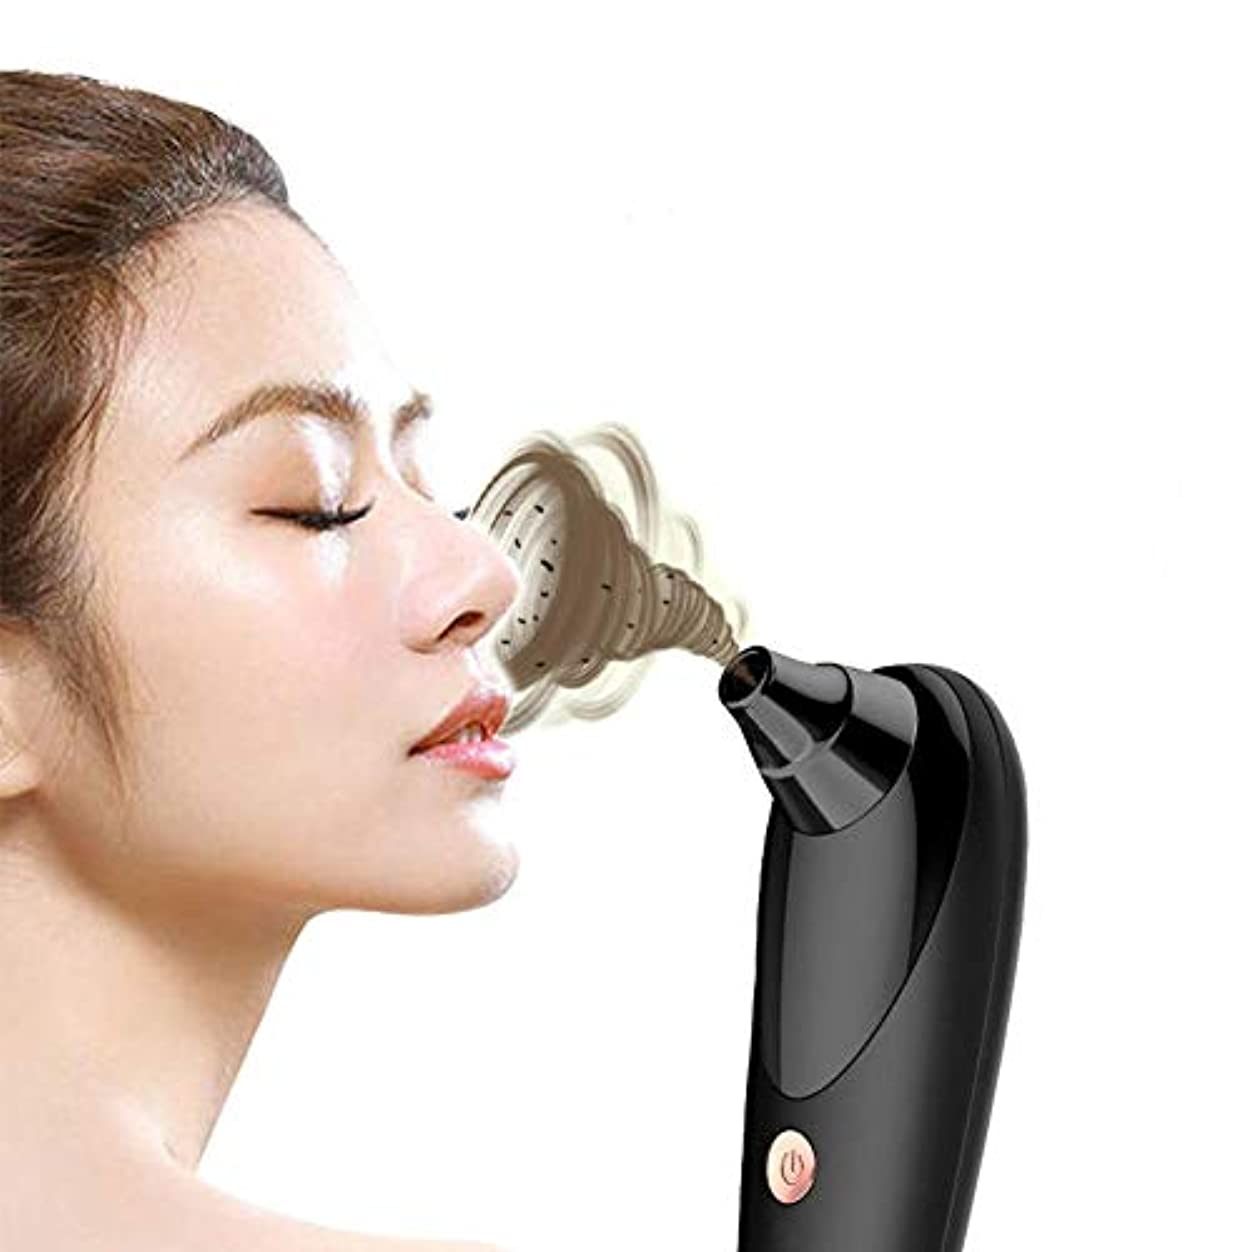 不安アグネスグレイ感情にきび除去器真空加熱伝導看護にきび器具加熱モードの増加Usb充電式クリーンツールスーパーサクションクリーンポア3調整可能な吸引力